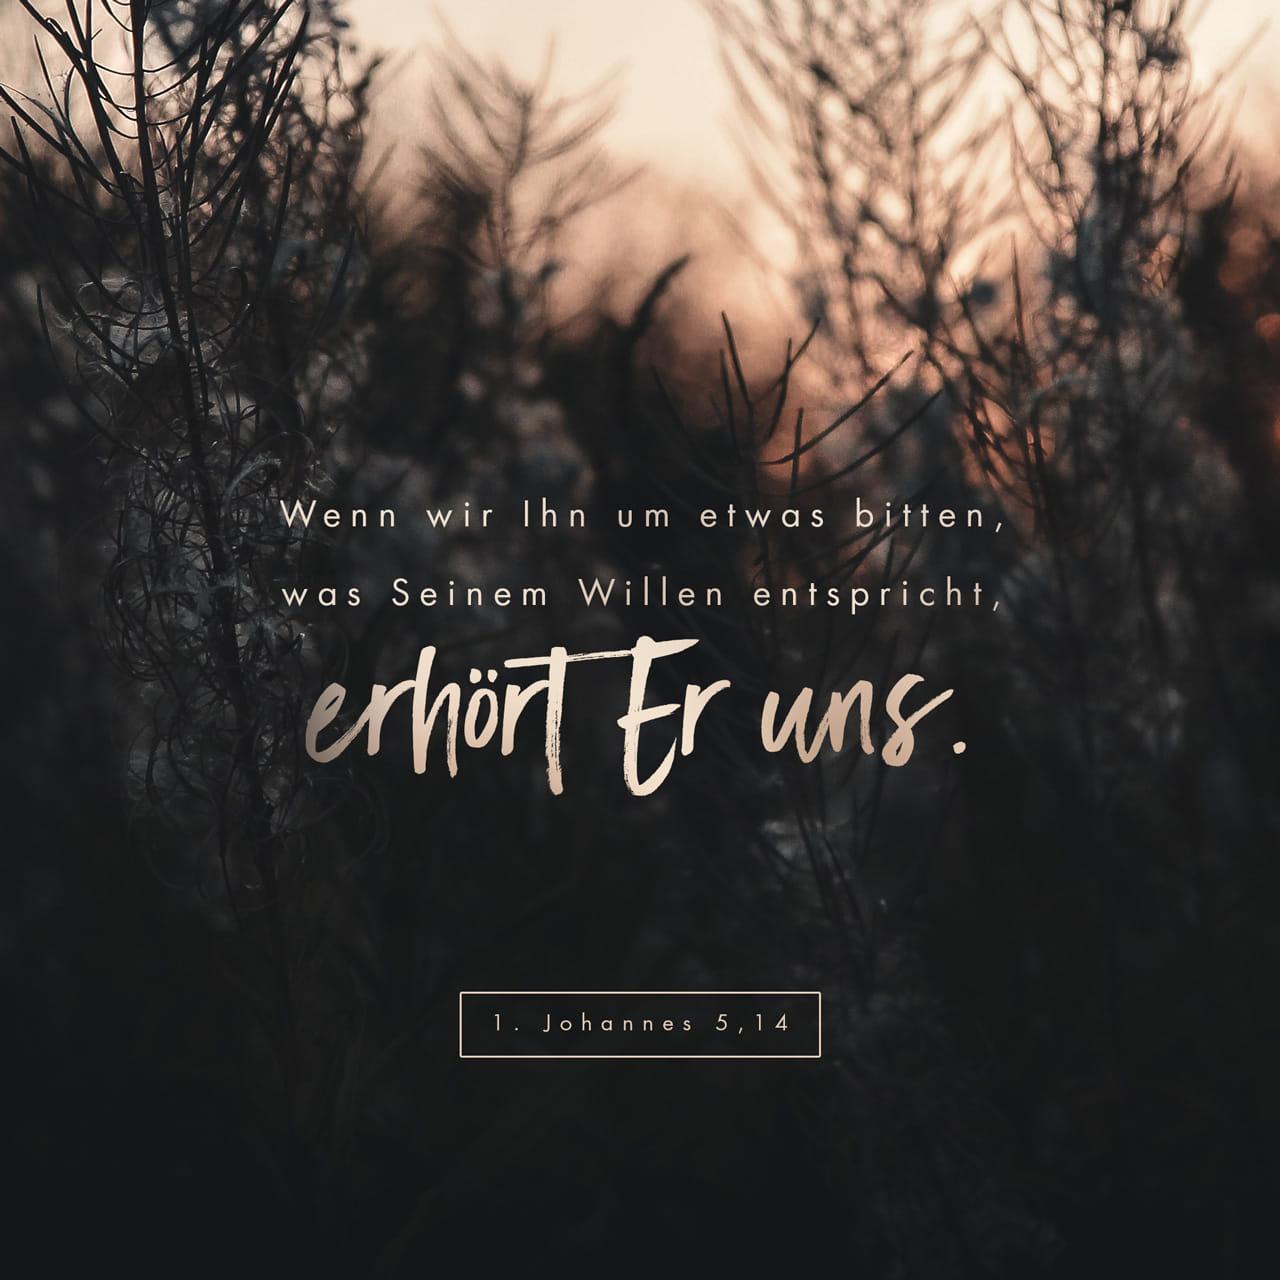 Wenn wir ihn um etwas bitten, was seinem Willen entspricht, erhört er uns.